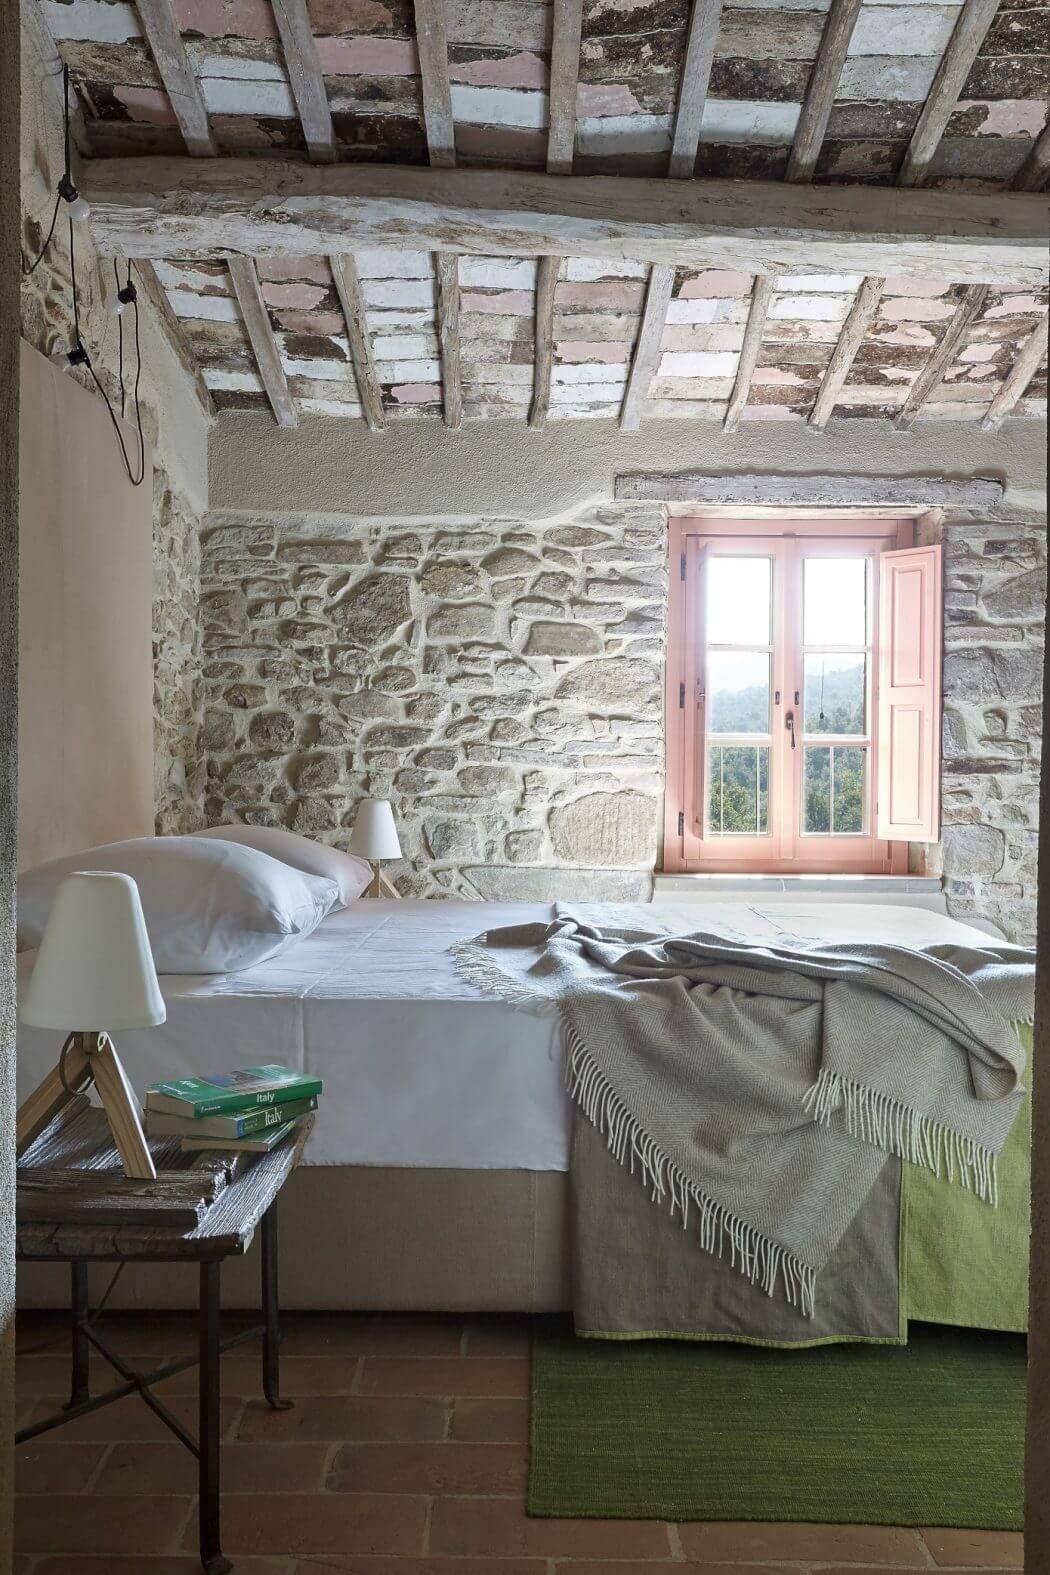 Blog di architettura frequentato dai lettori di tutto il for Arredamento rustico italiano